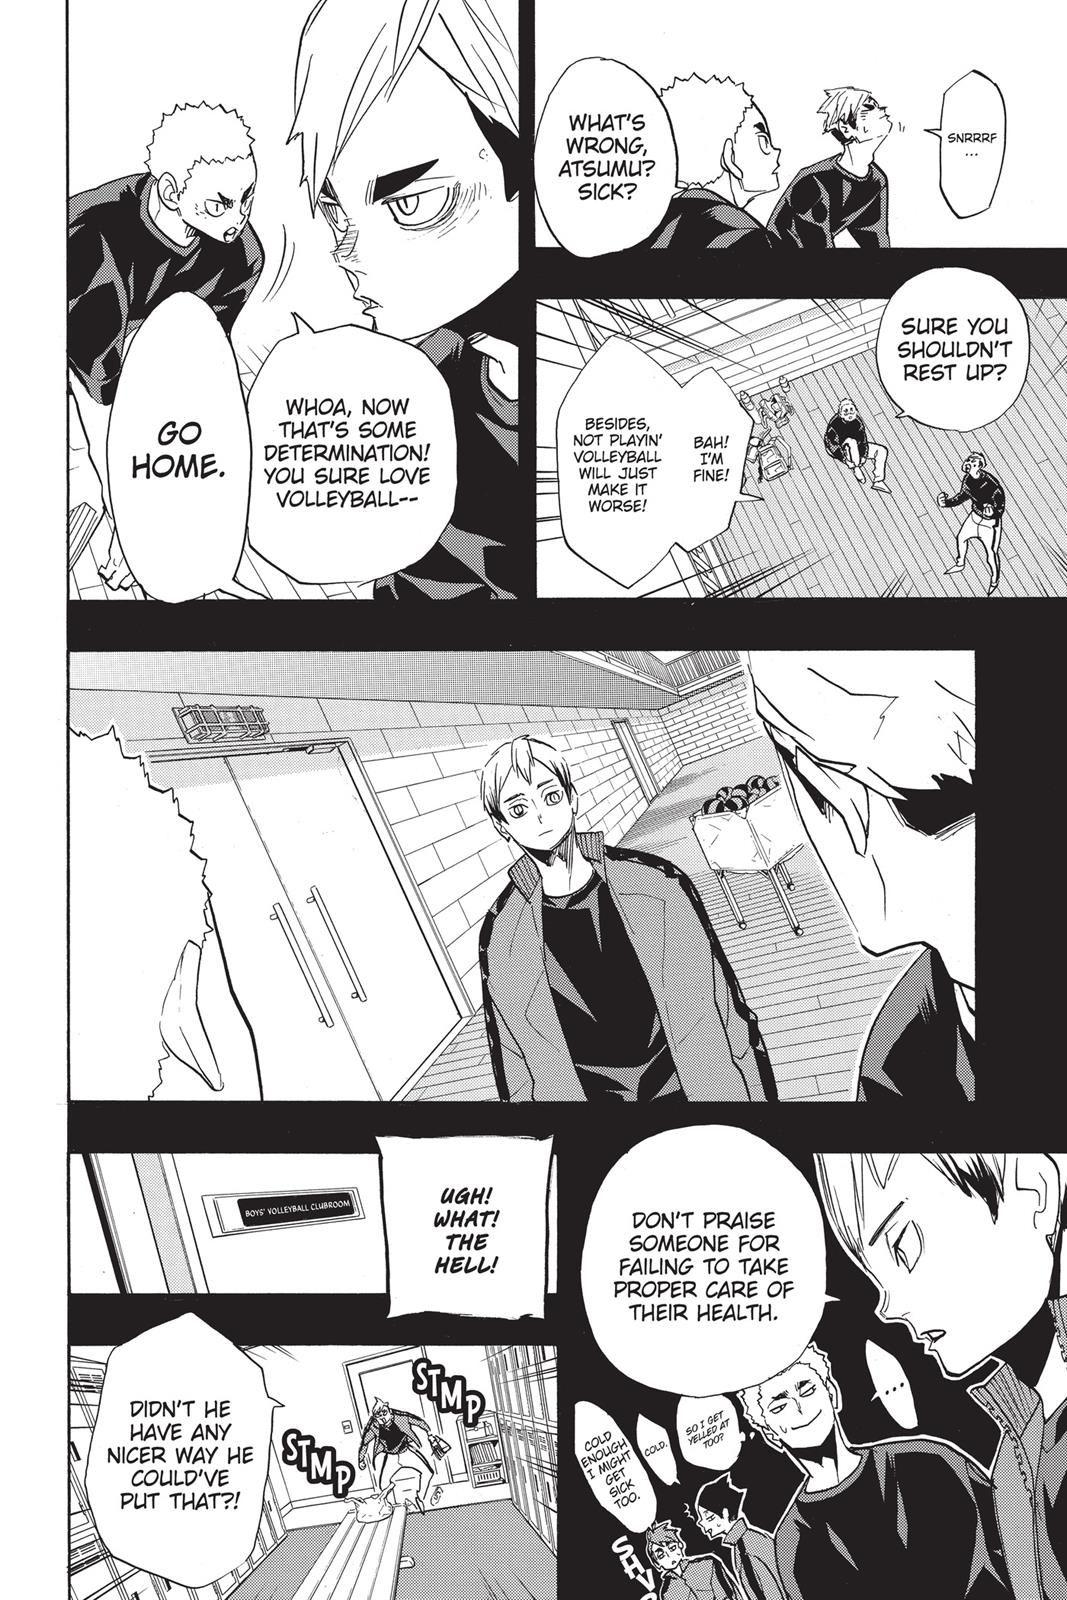 Haikyuu Chapter 274 Read Haikyuu Manga Online Haikyuu Haikyuu Manga Haikyuu Anime The world's most popular manga! haikyuu chapter 274 read haikyuu